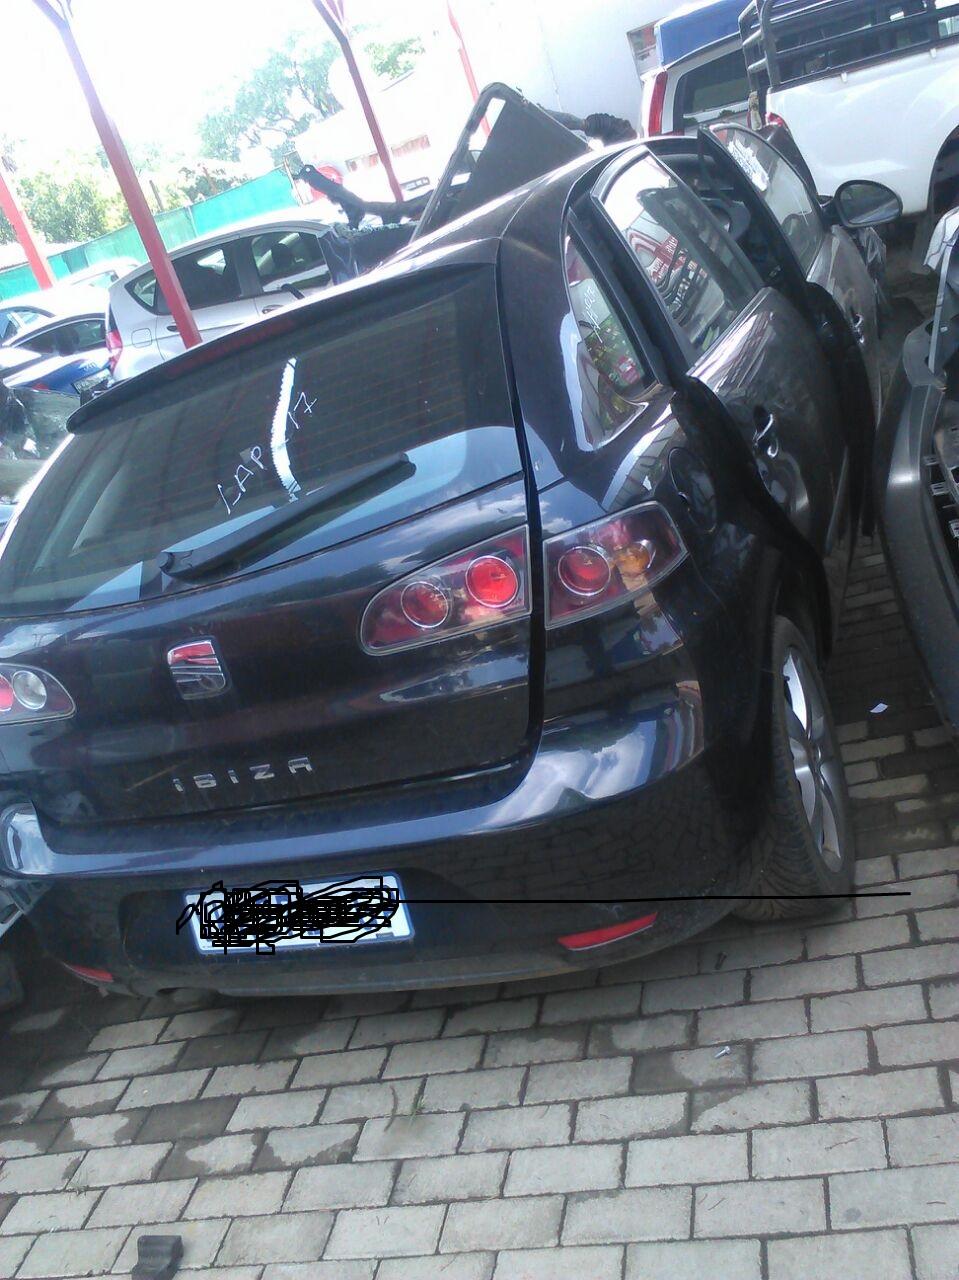 2012 Seat Ibiza 1.4 5 door